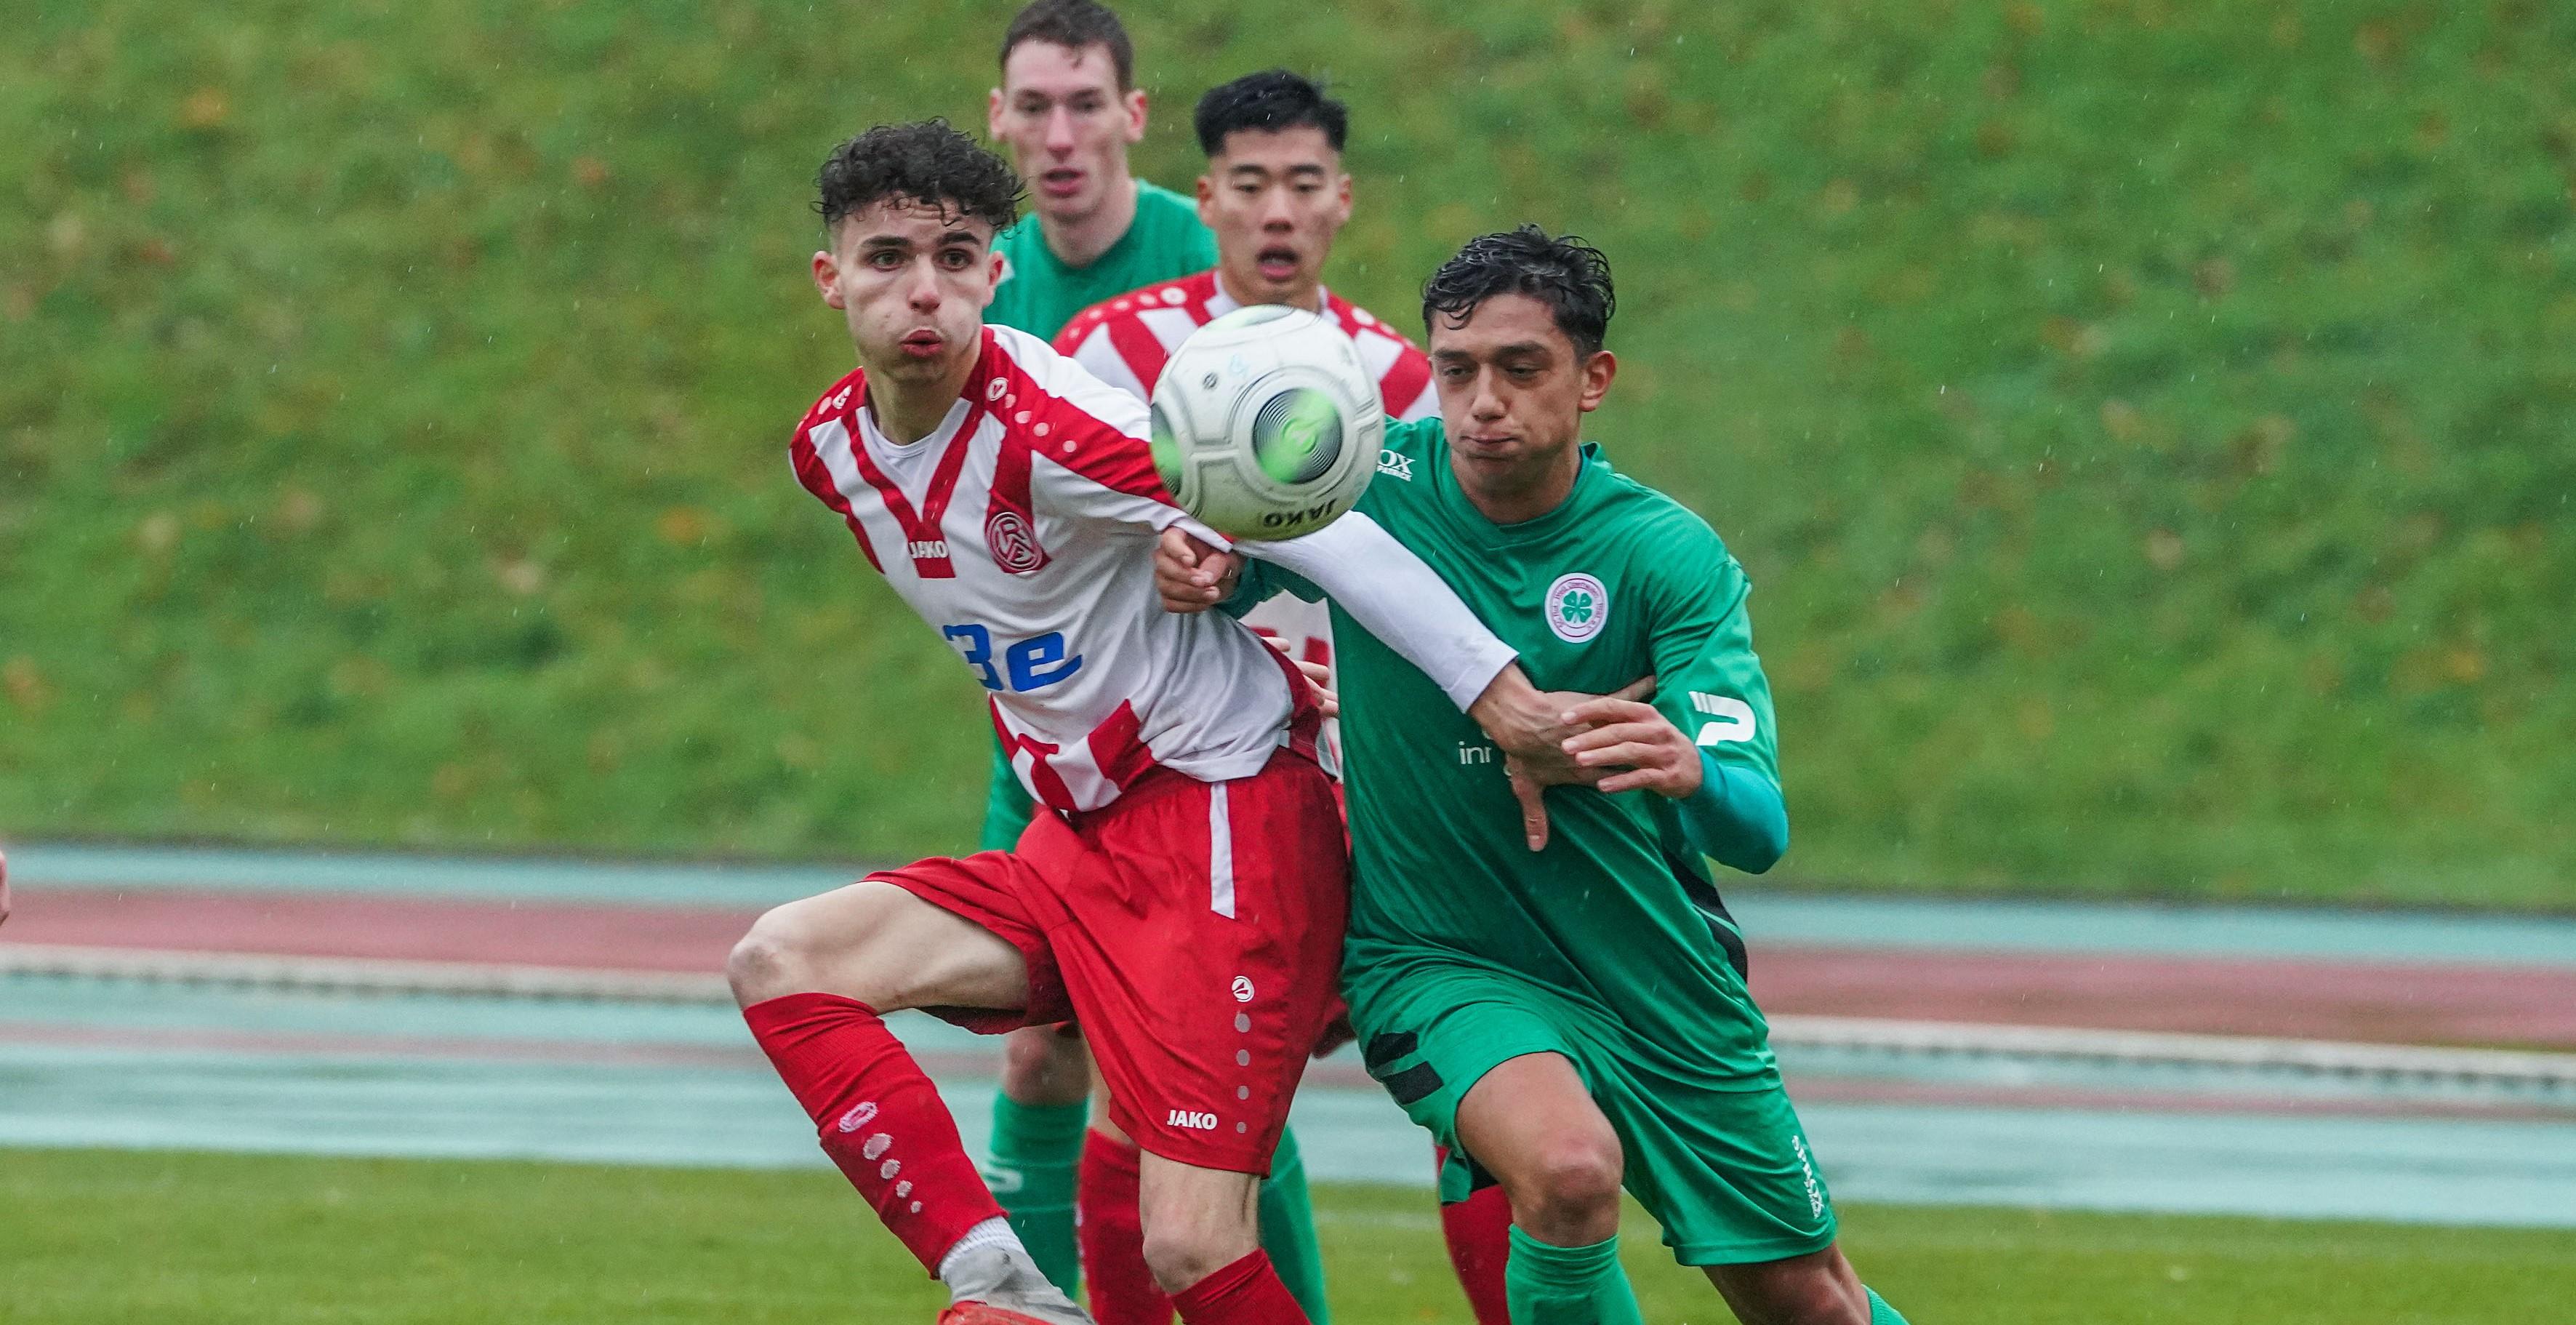 Die letzten Pflichtspielpunkte des Jahres werden für RWE gegen den 1. FC Köln vergeben. (Foto: Gohl)